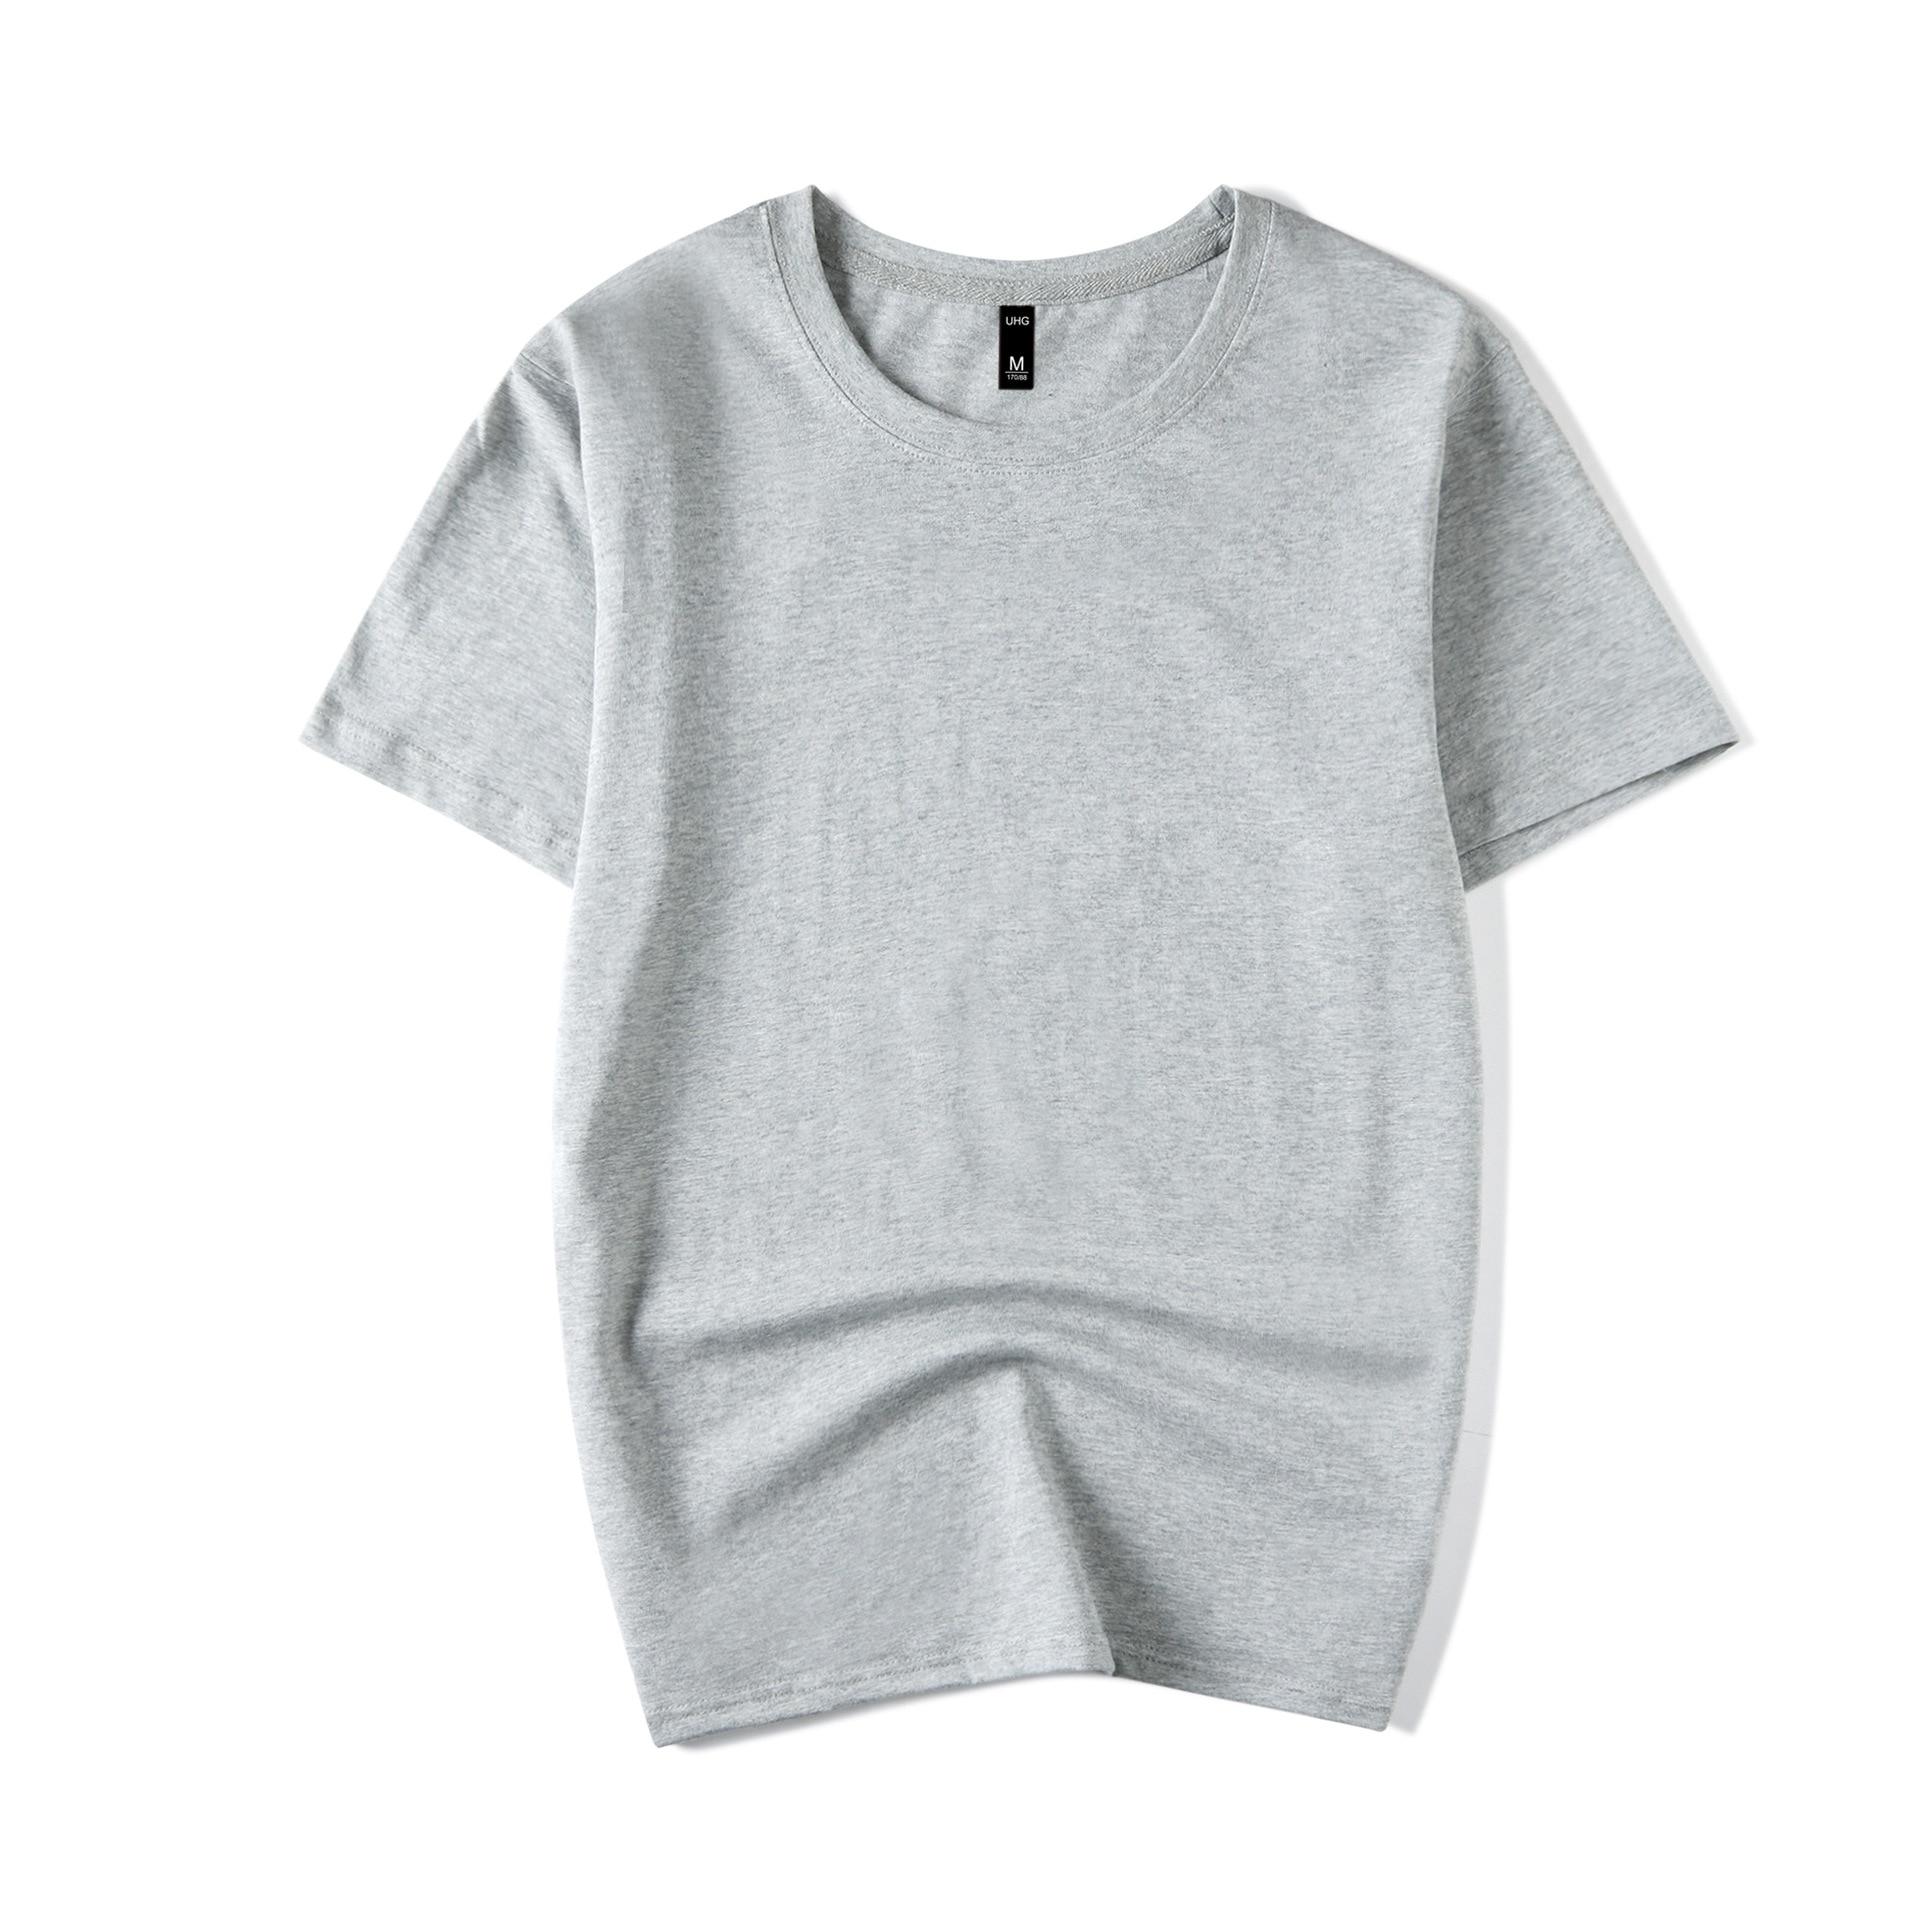 Новинка 2019, Мужская футболка, хлопок, хит продаж, мужская и женская футболка, повседневная, короткий рукав, размера плюс, Мужская футболка